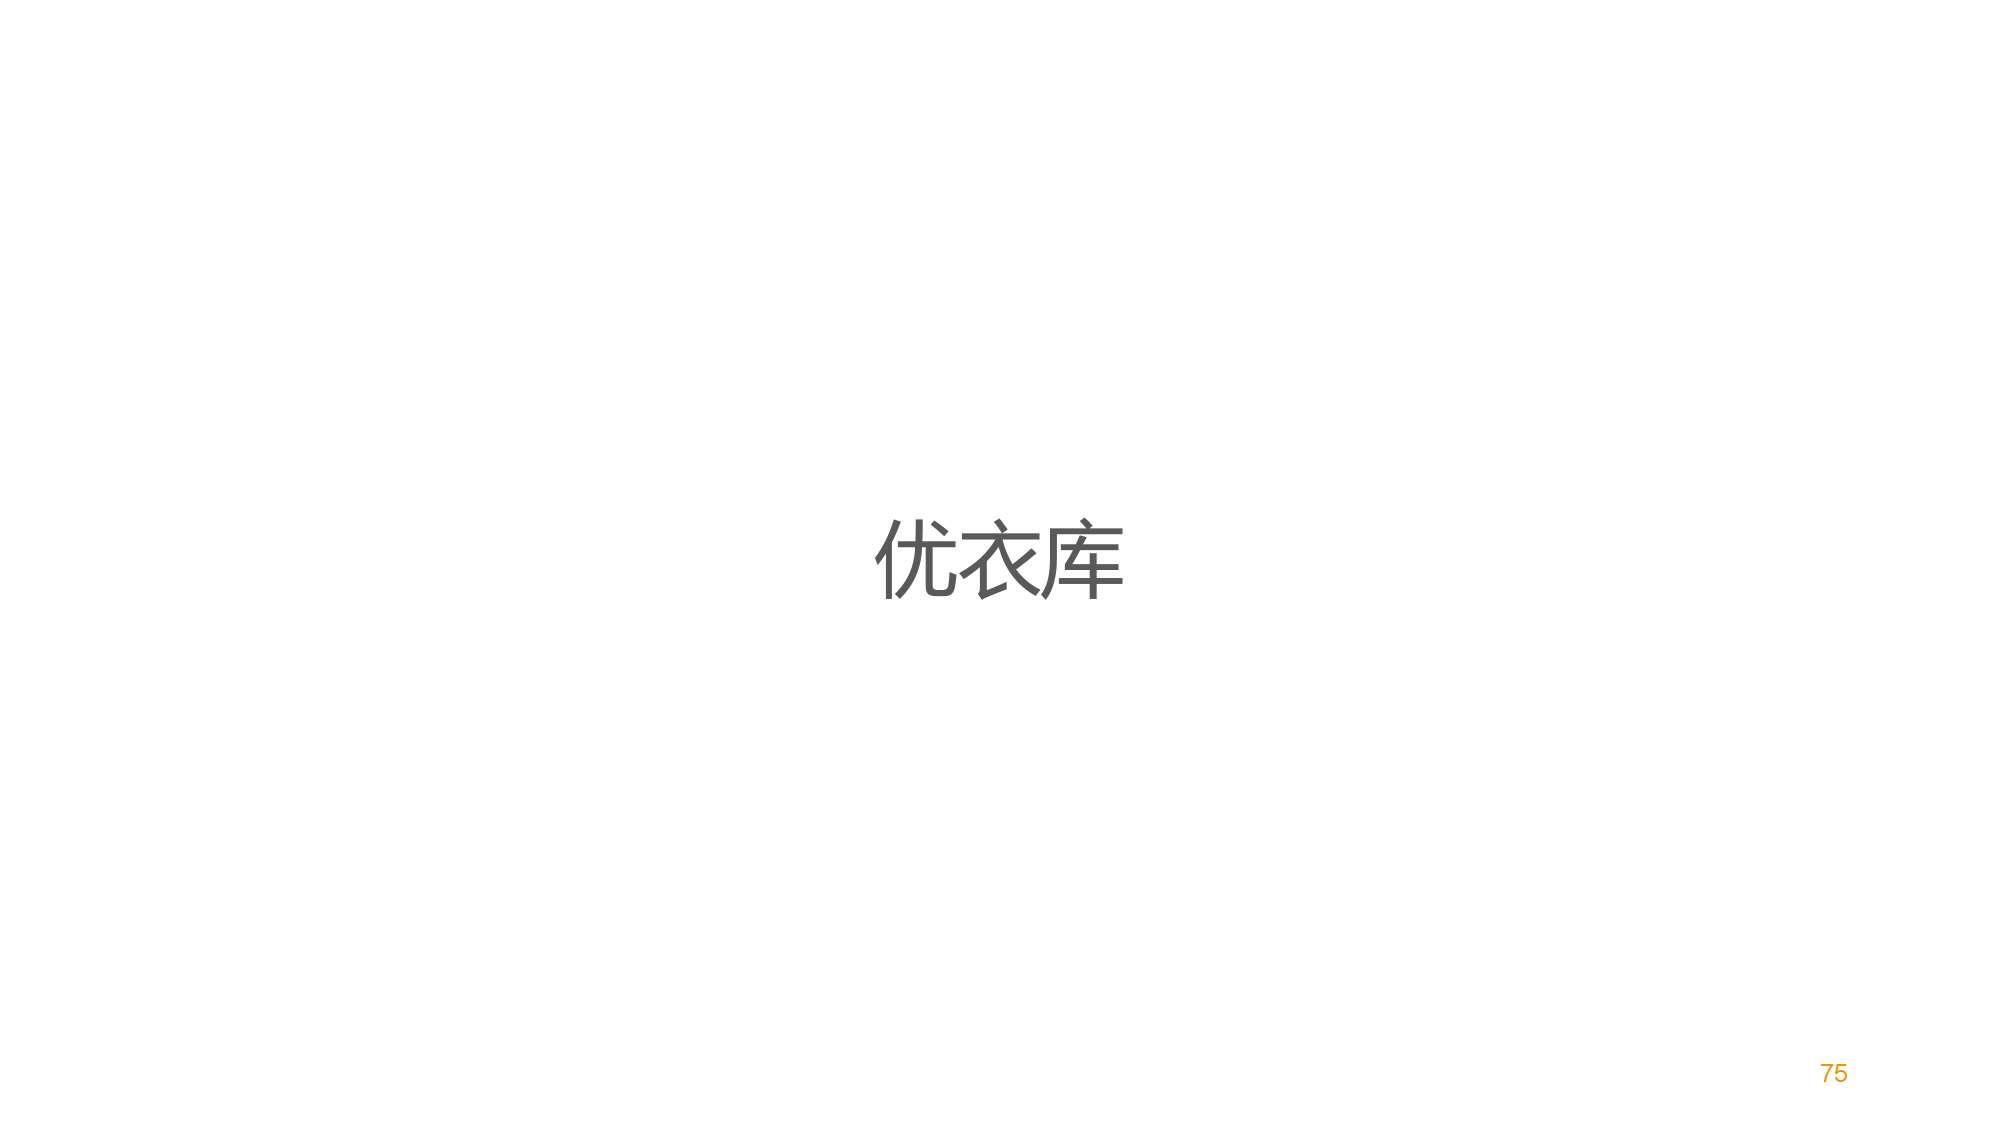 中国智能出行2015大数据报告_000075